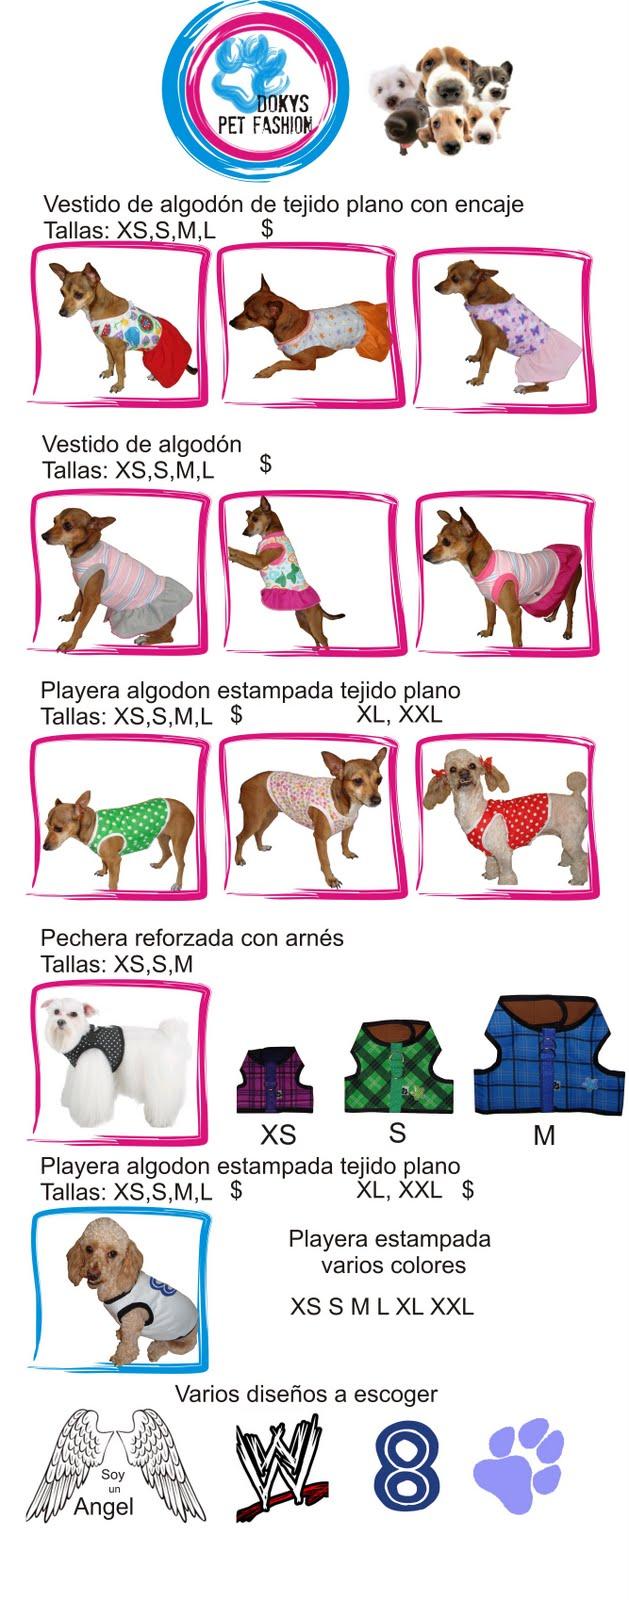 Fabrica de Ropa para perros